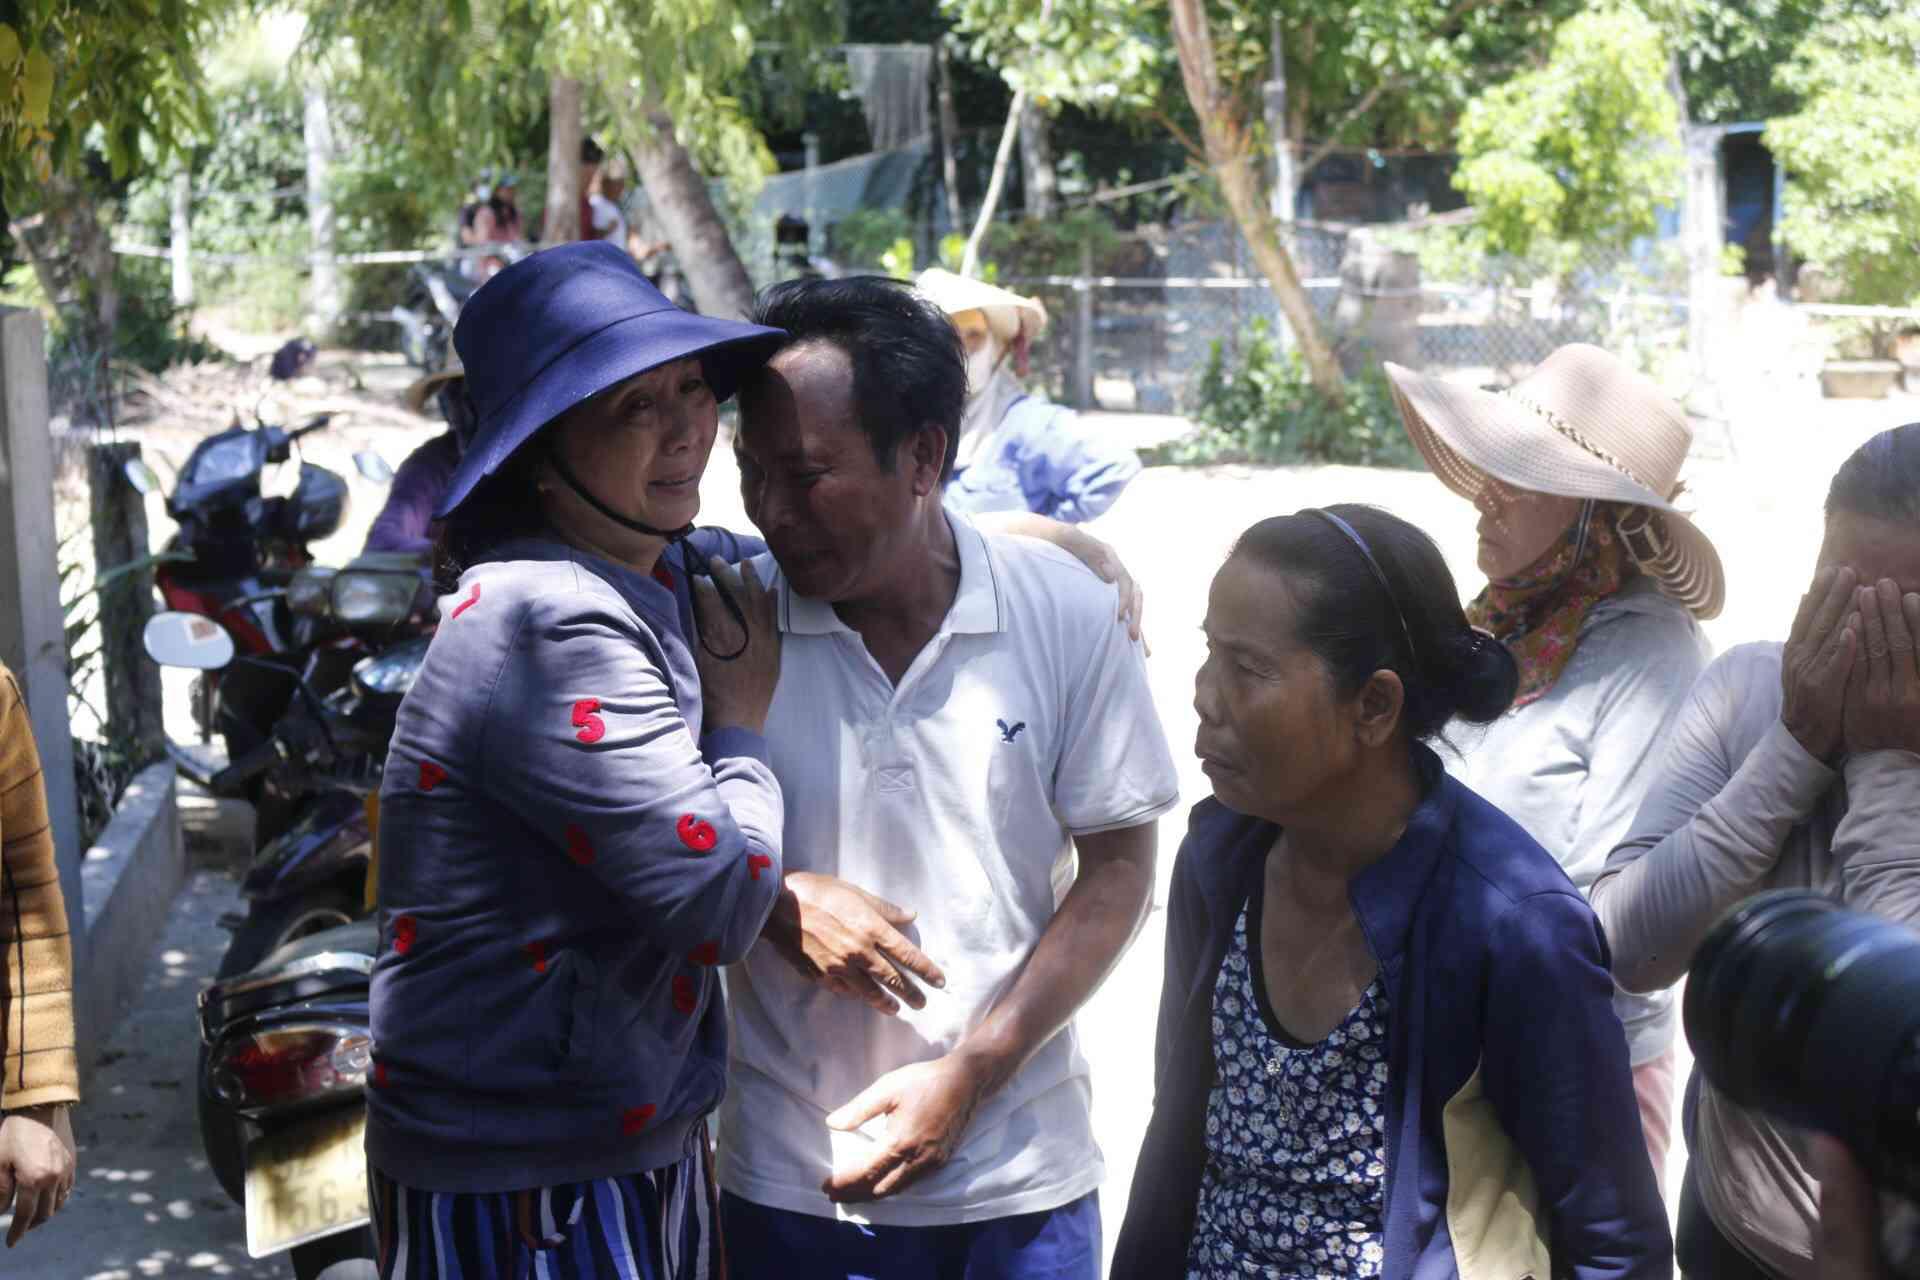 Ly kỳ chuyện cá heo chỉ đường cứu 41 ngư dân Quảng Nam thoát chết - 2